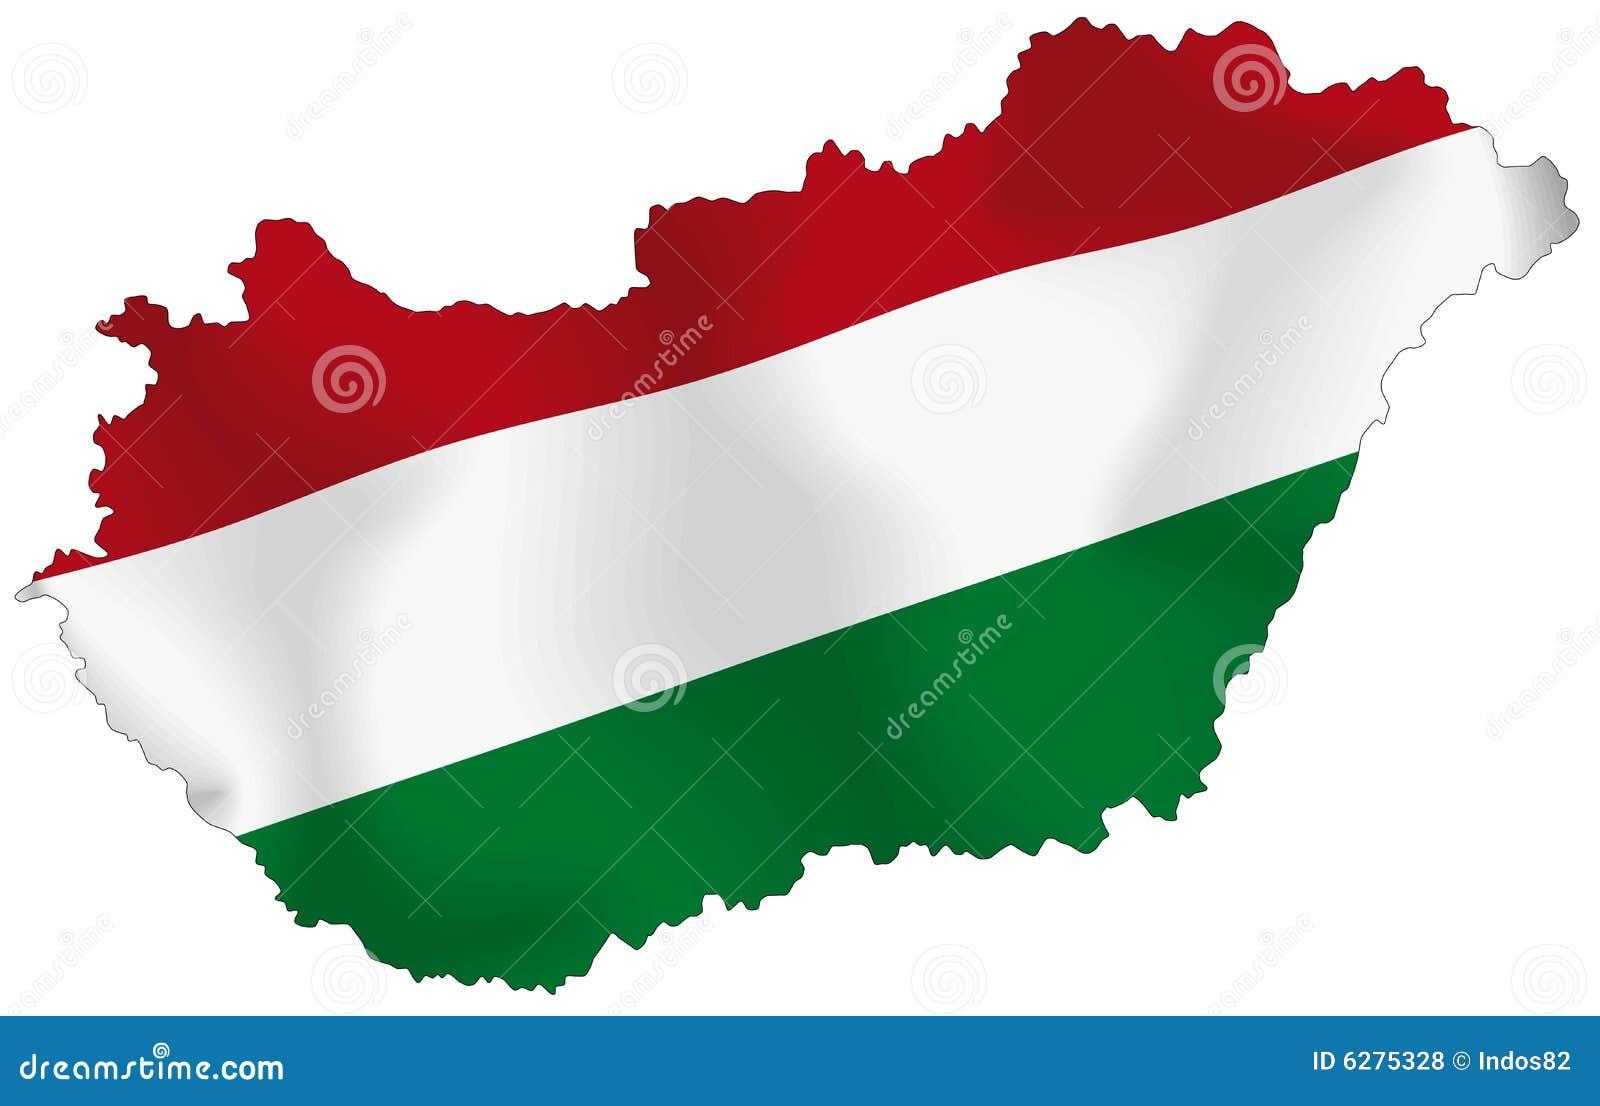 Węgry flaga